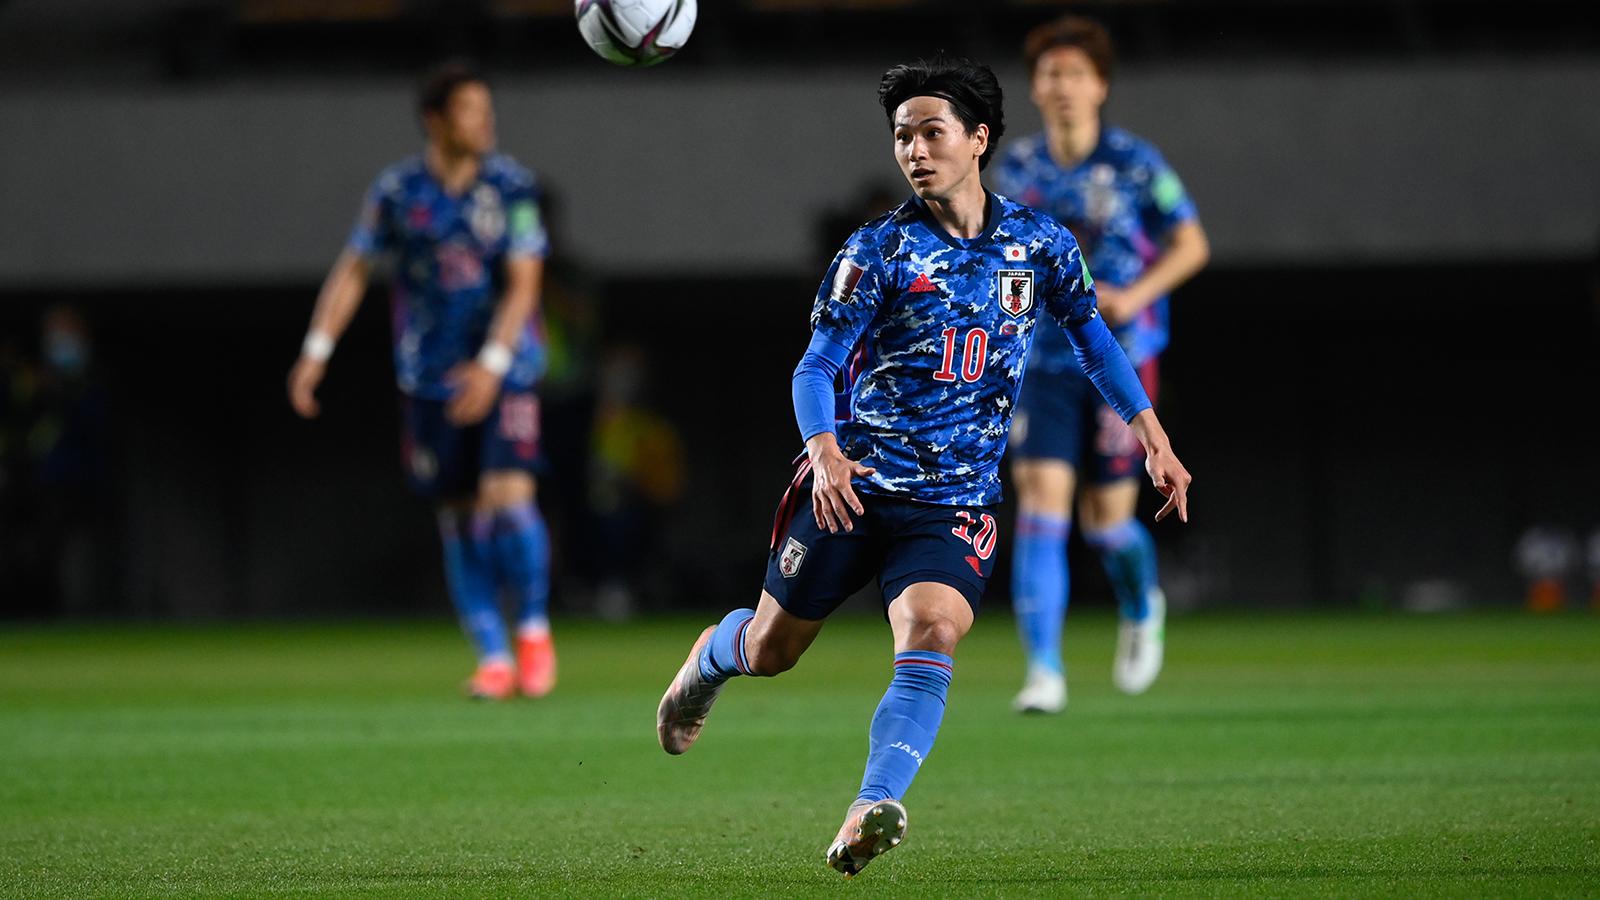 【きょうのスポーツ】吉田麻也、大迫勇也ら主軸不在で新布陣も?W杯へ向けて2次予選7戦目に臨む|サッカー日本代表